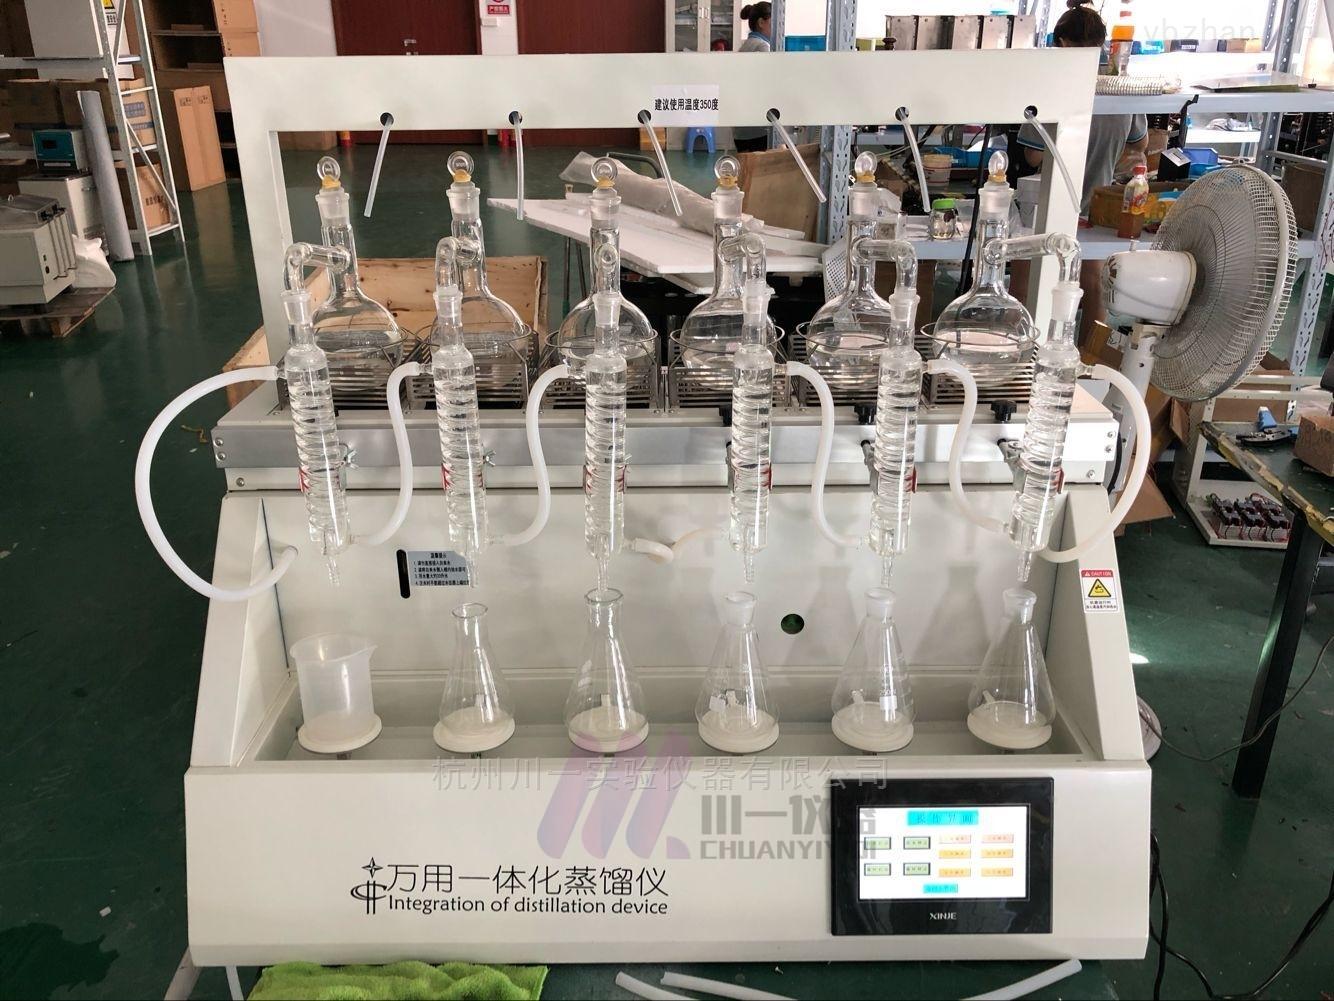 全自動二氧化硫檢測儀CYZL-6萬用一體化蒸餾